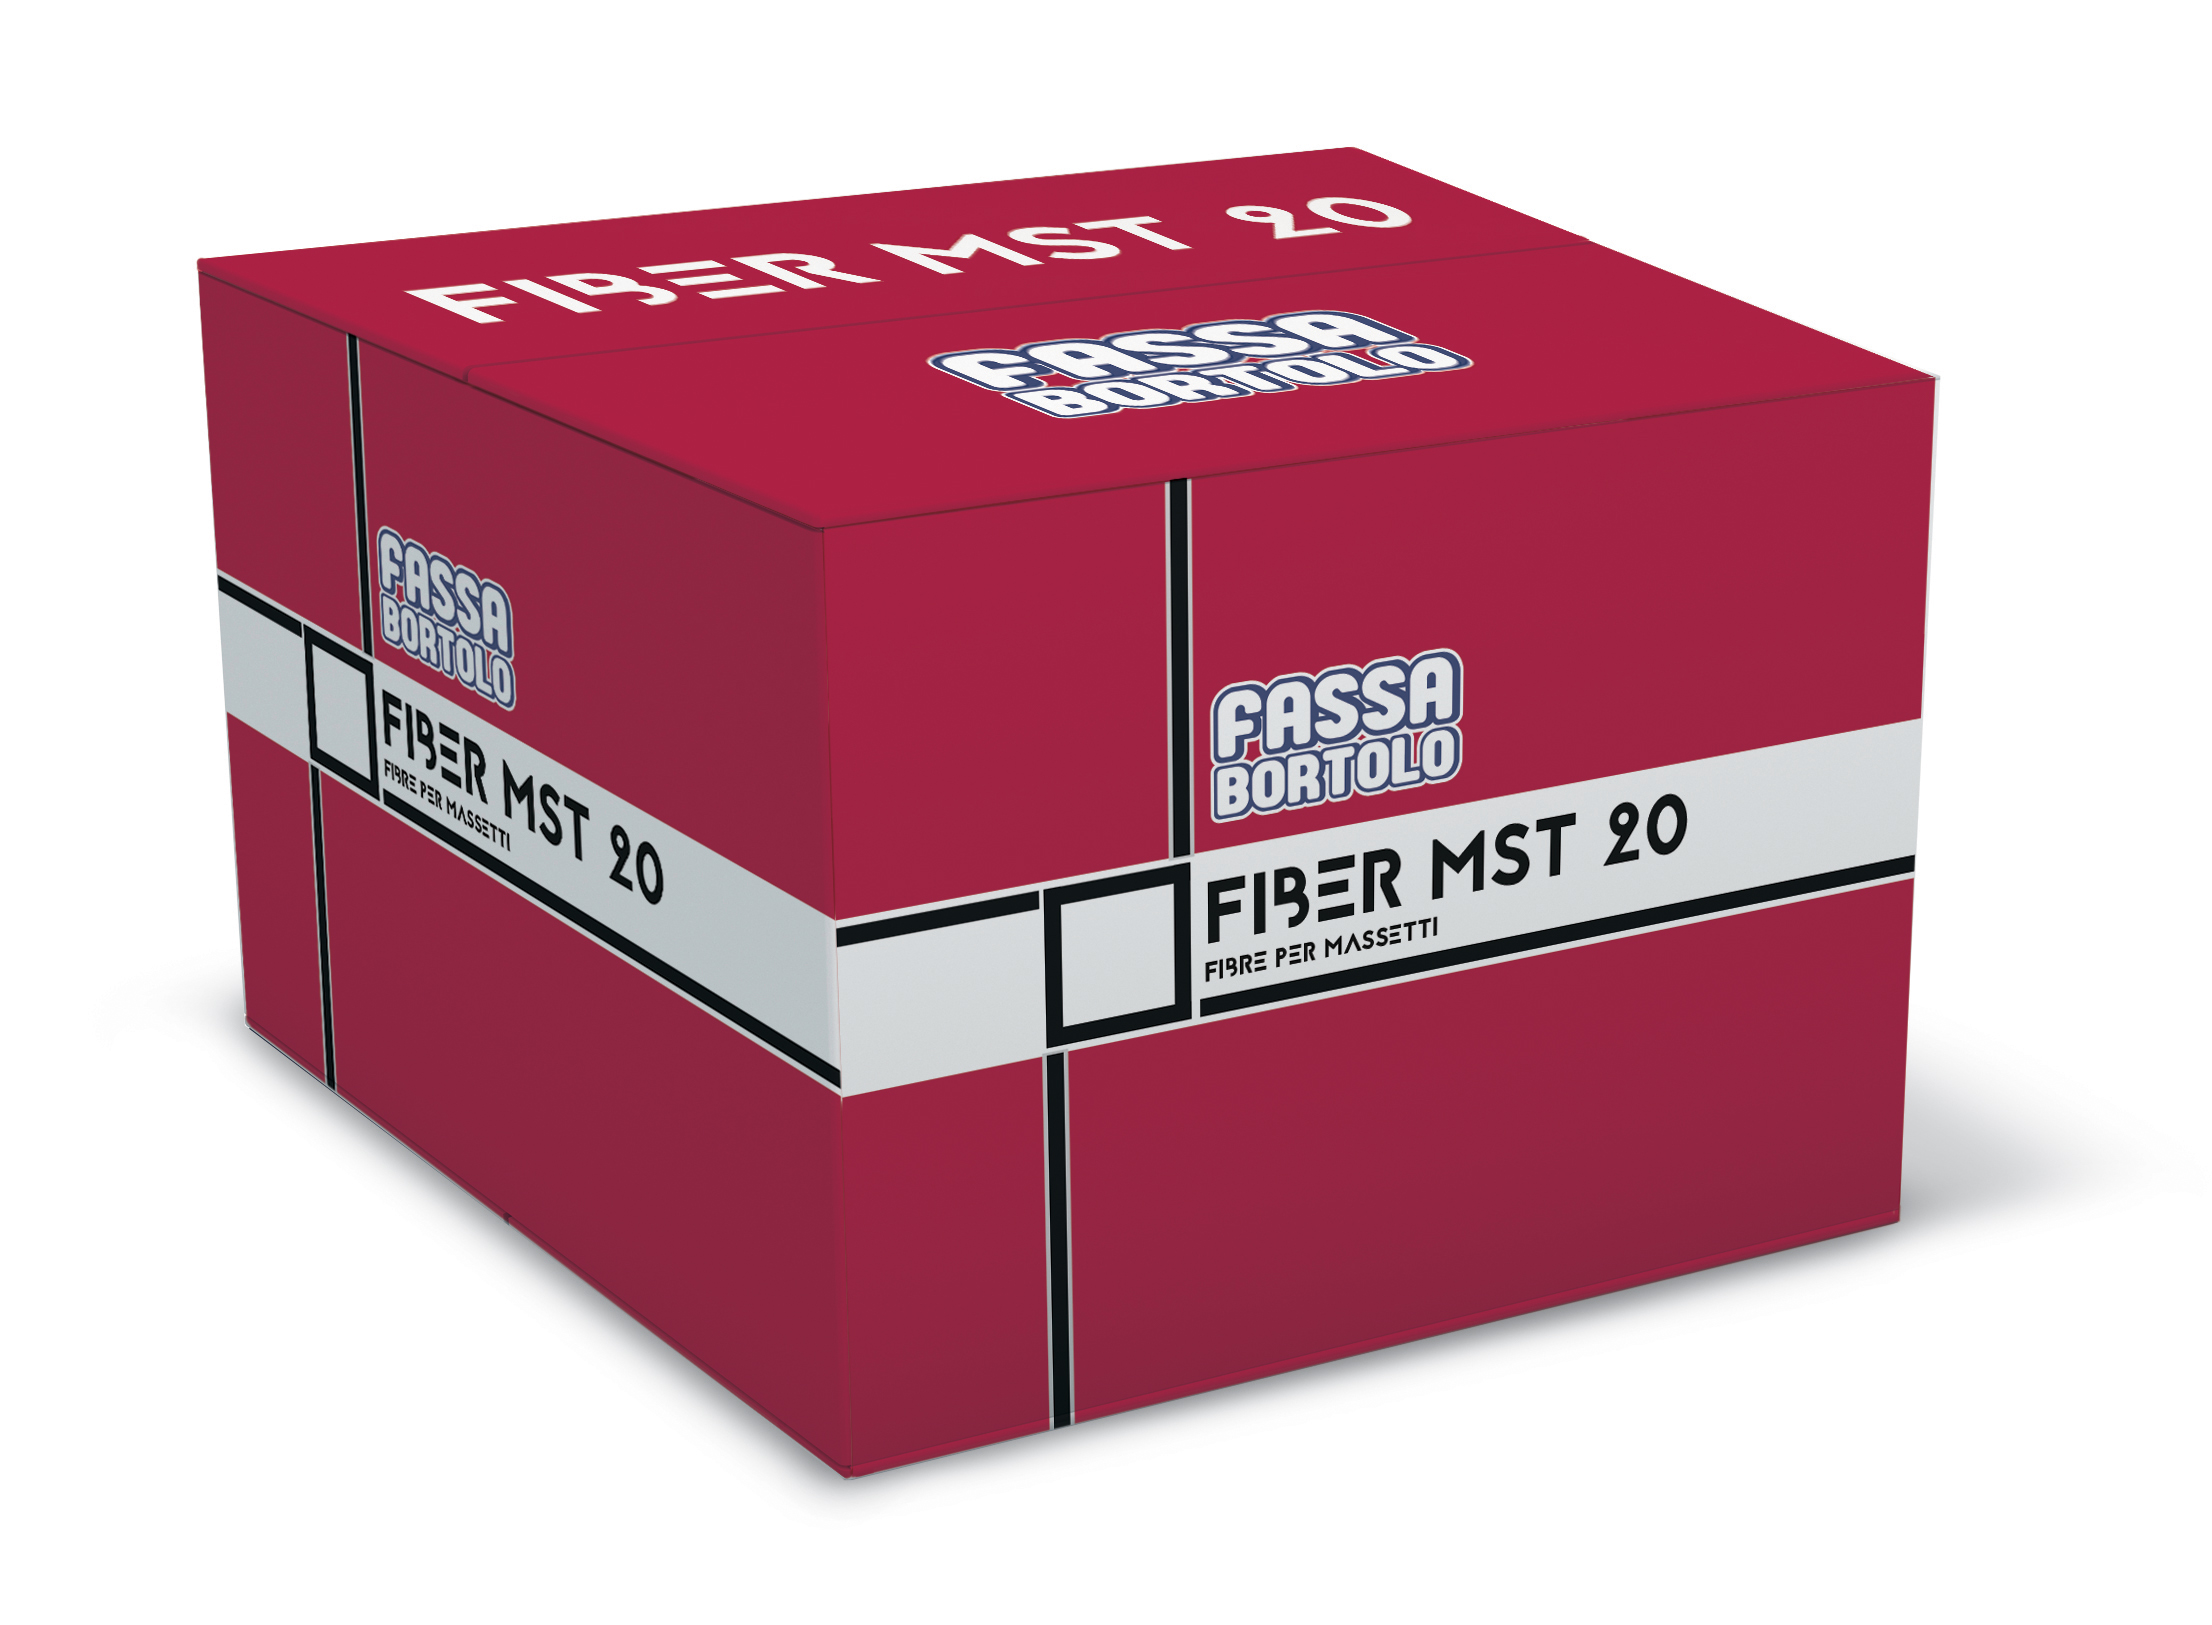 FIBER MST 20: Fibras poliméricas de alta tenacidade para o reforço de betonilhas